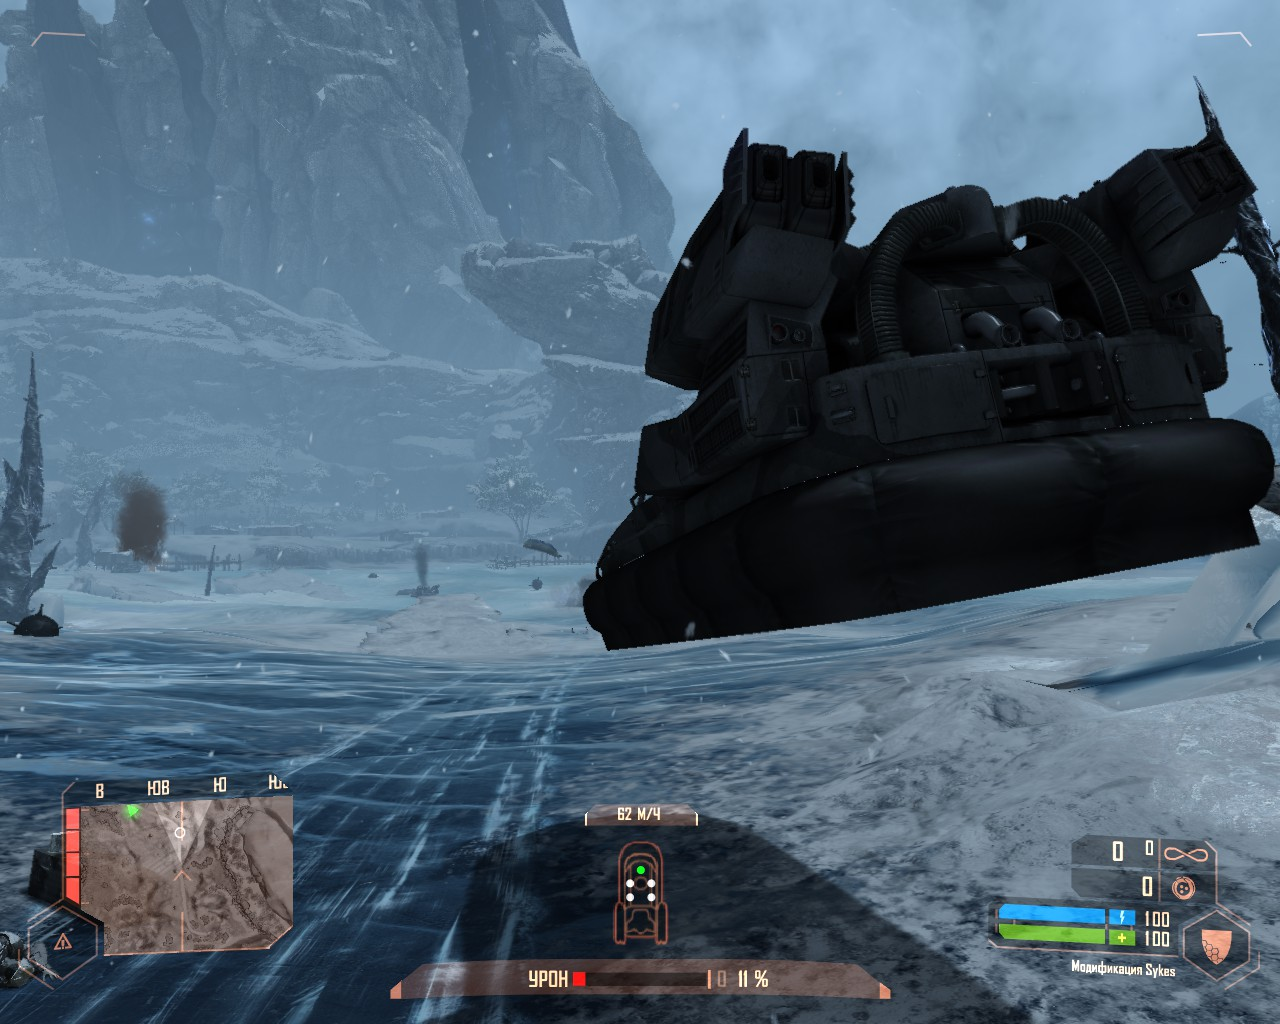 Crysis64 2014-08-16 17-25-45-83.jpg - Crysis Warhead